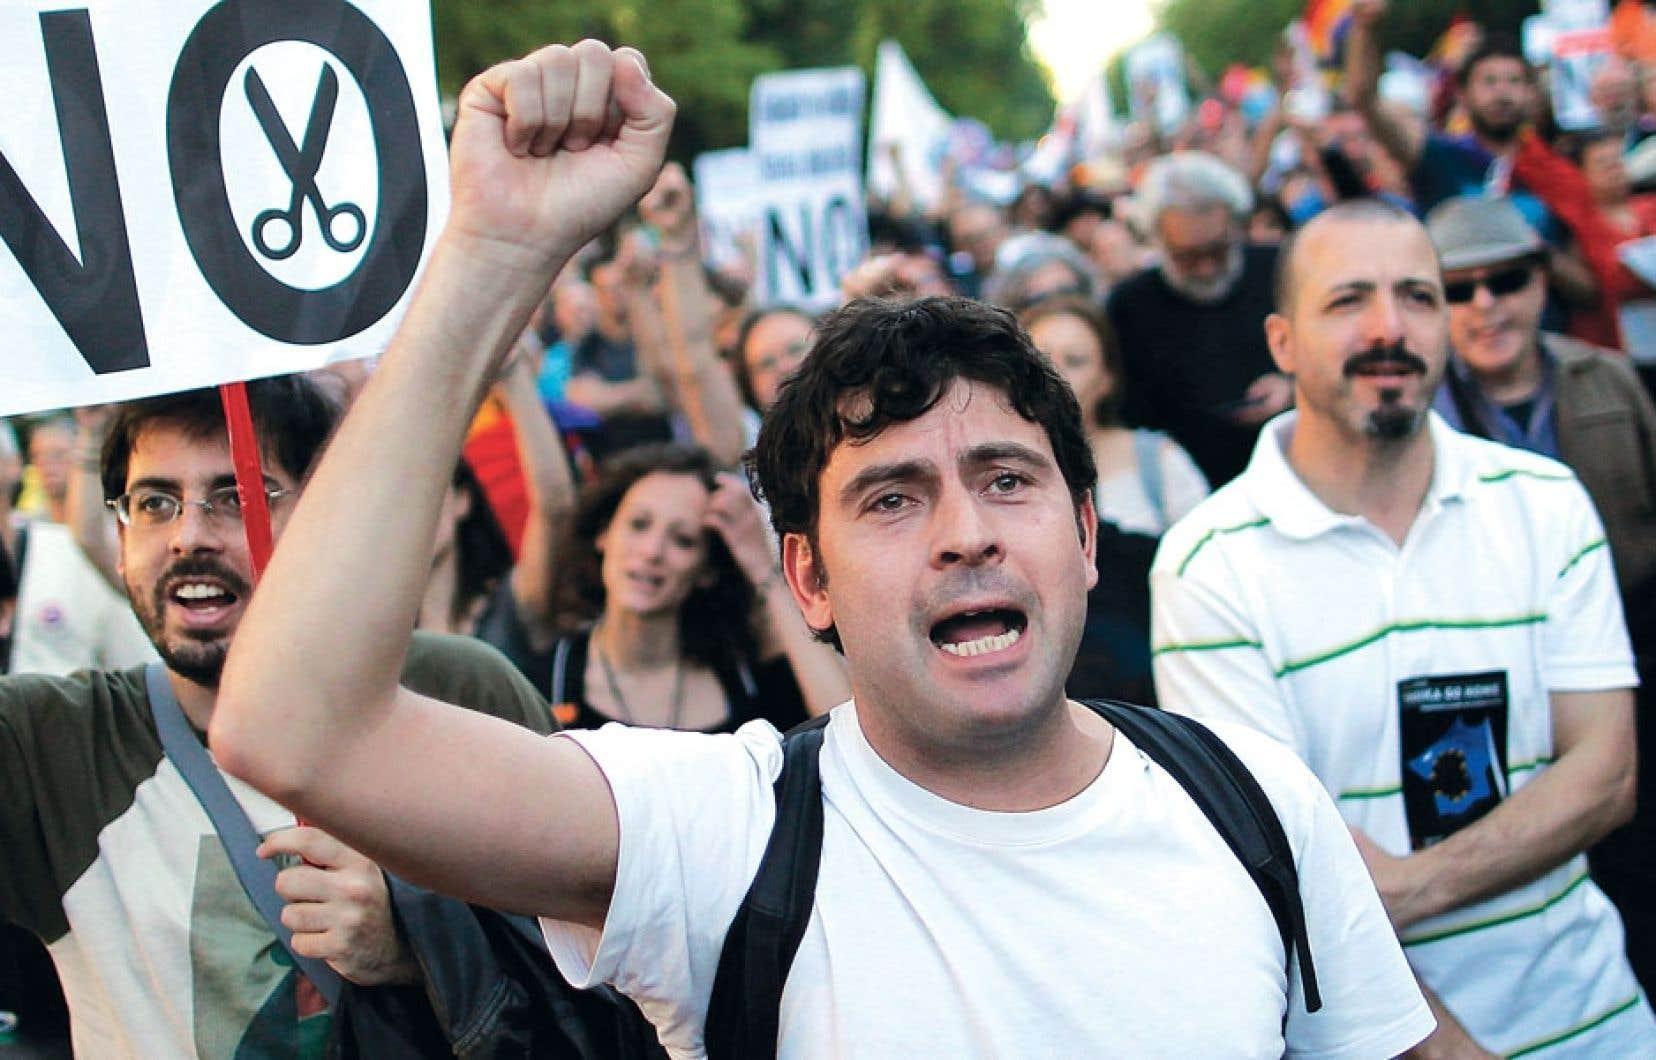 À Madrid, un manifestant en train de scander des slogans lors d'une autre manifestation anti-austérité tenue en même temps dans des dizaines de villes européennes samedi dernier.